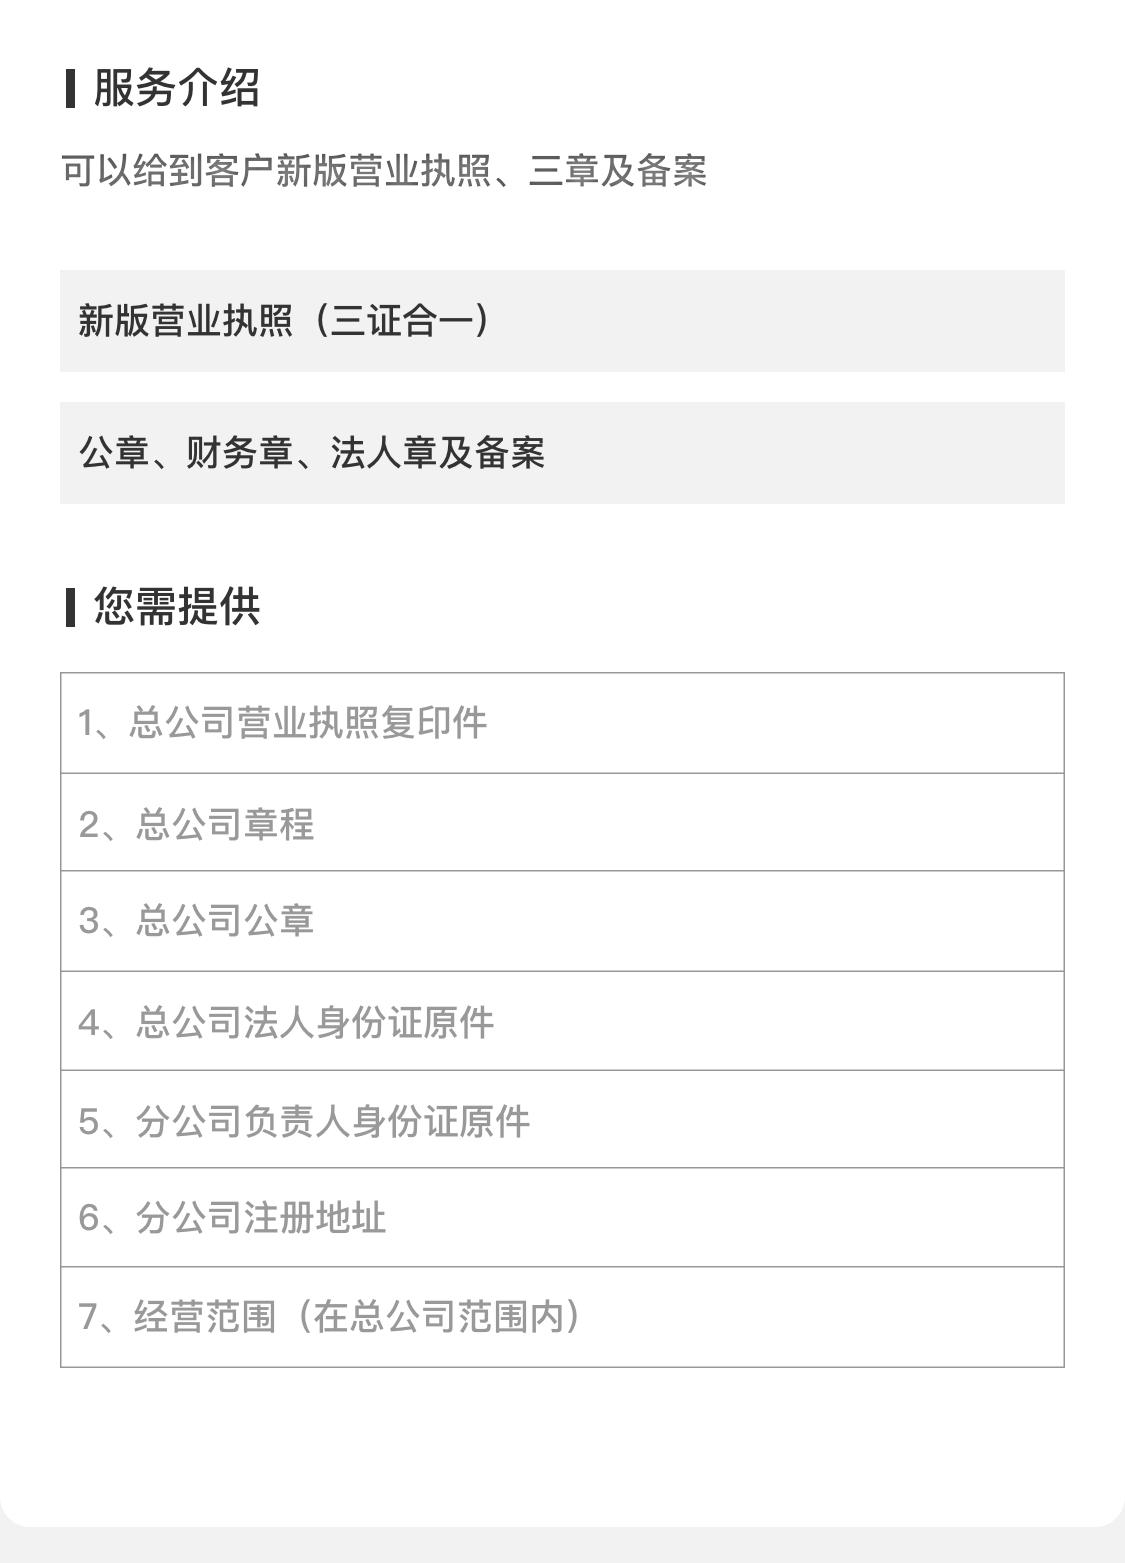 分公司注册 copy.png